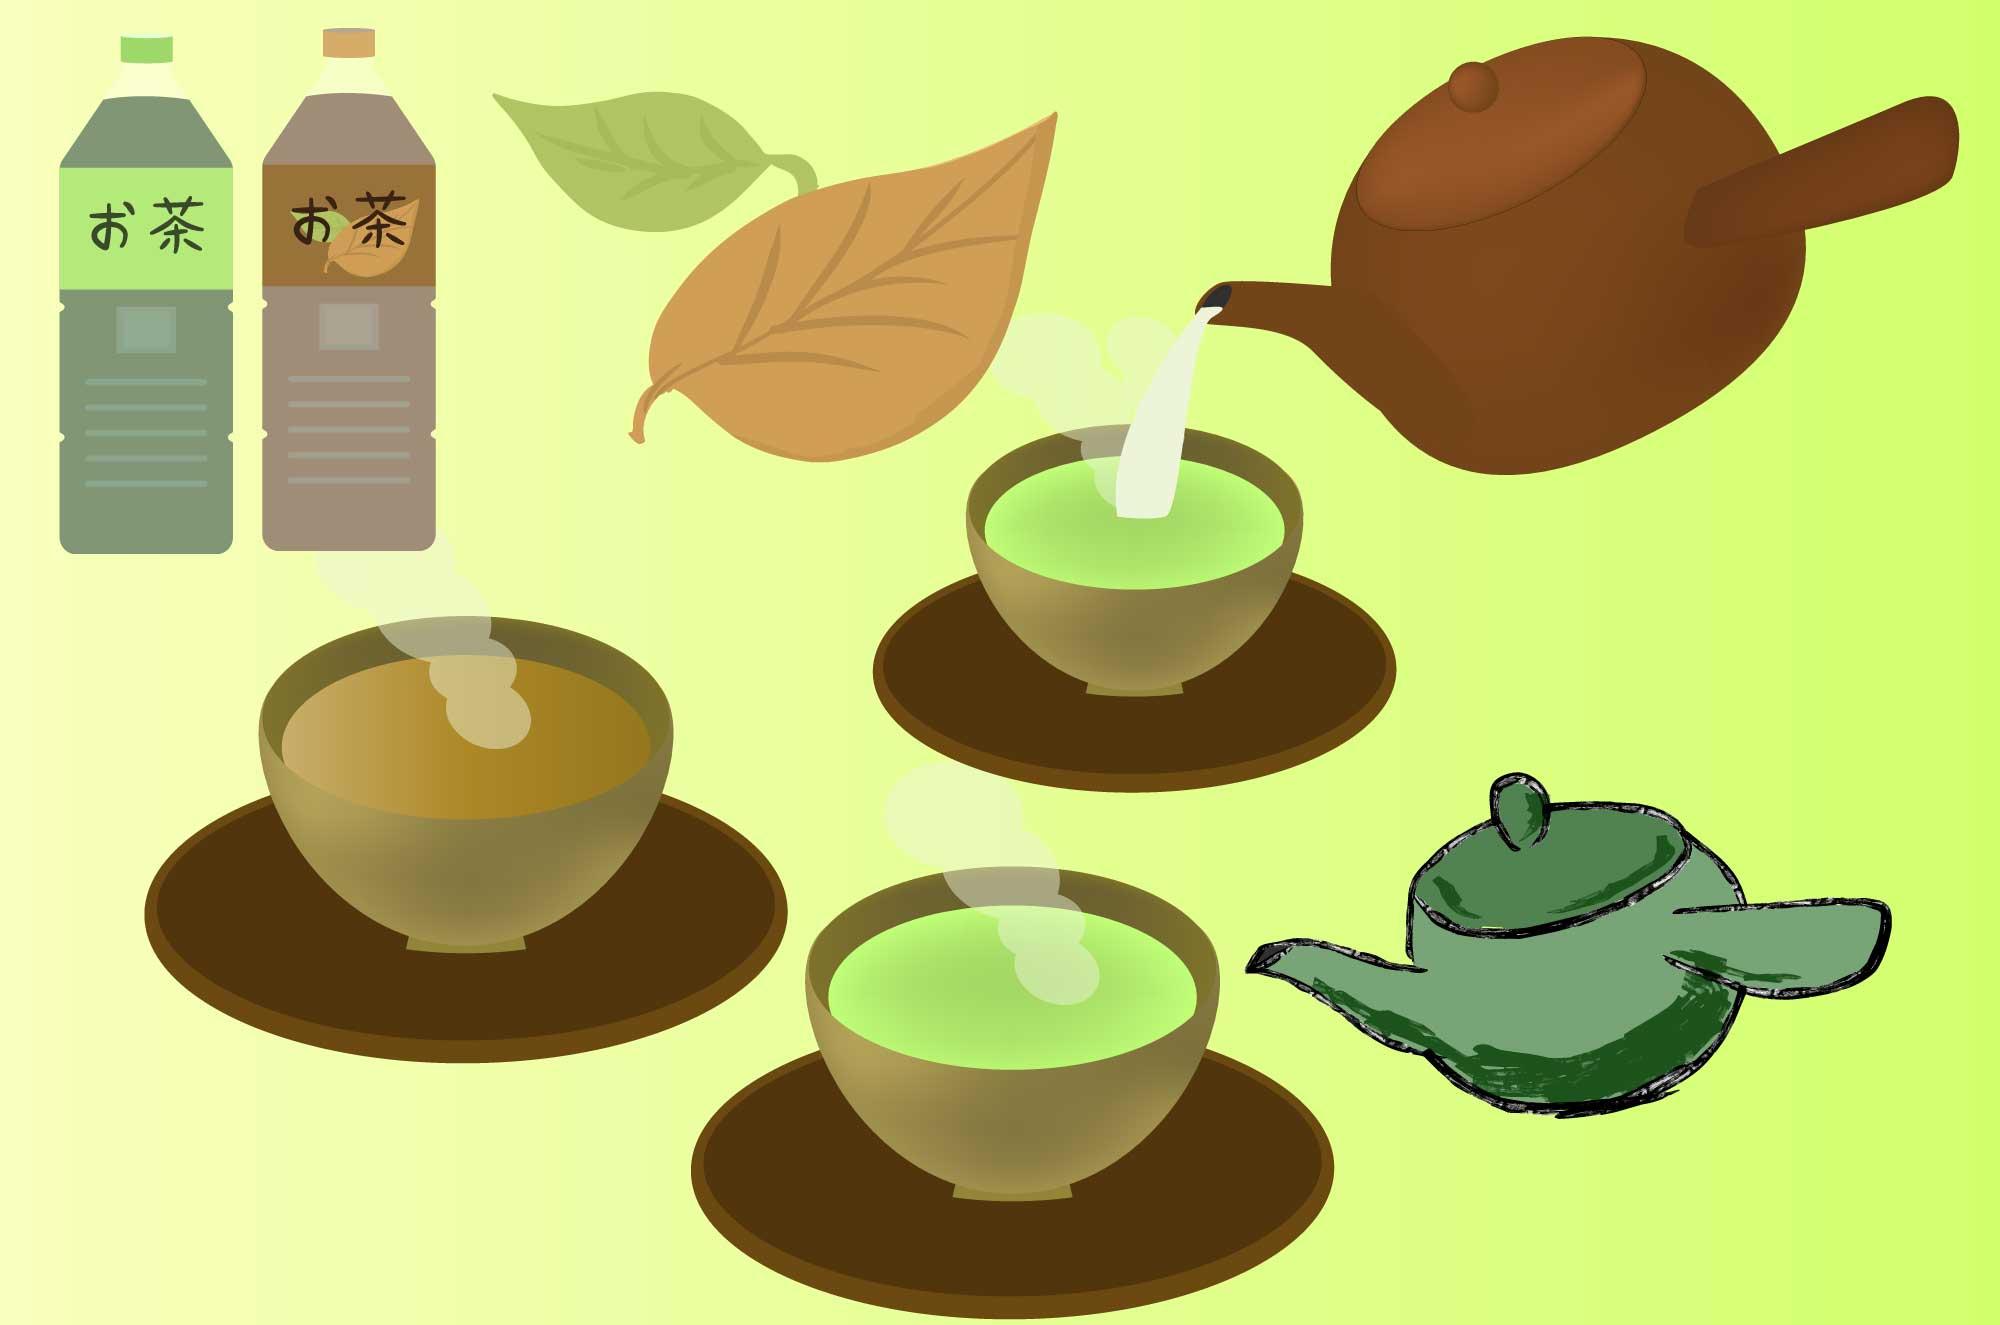 お茶の無料イラスト - 緑茶・ほうじ茶・きゅうす素材